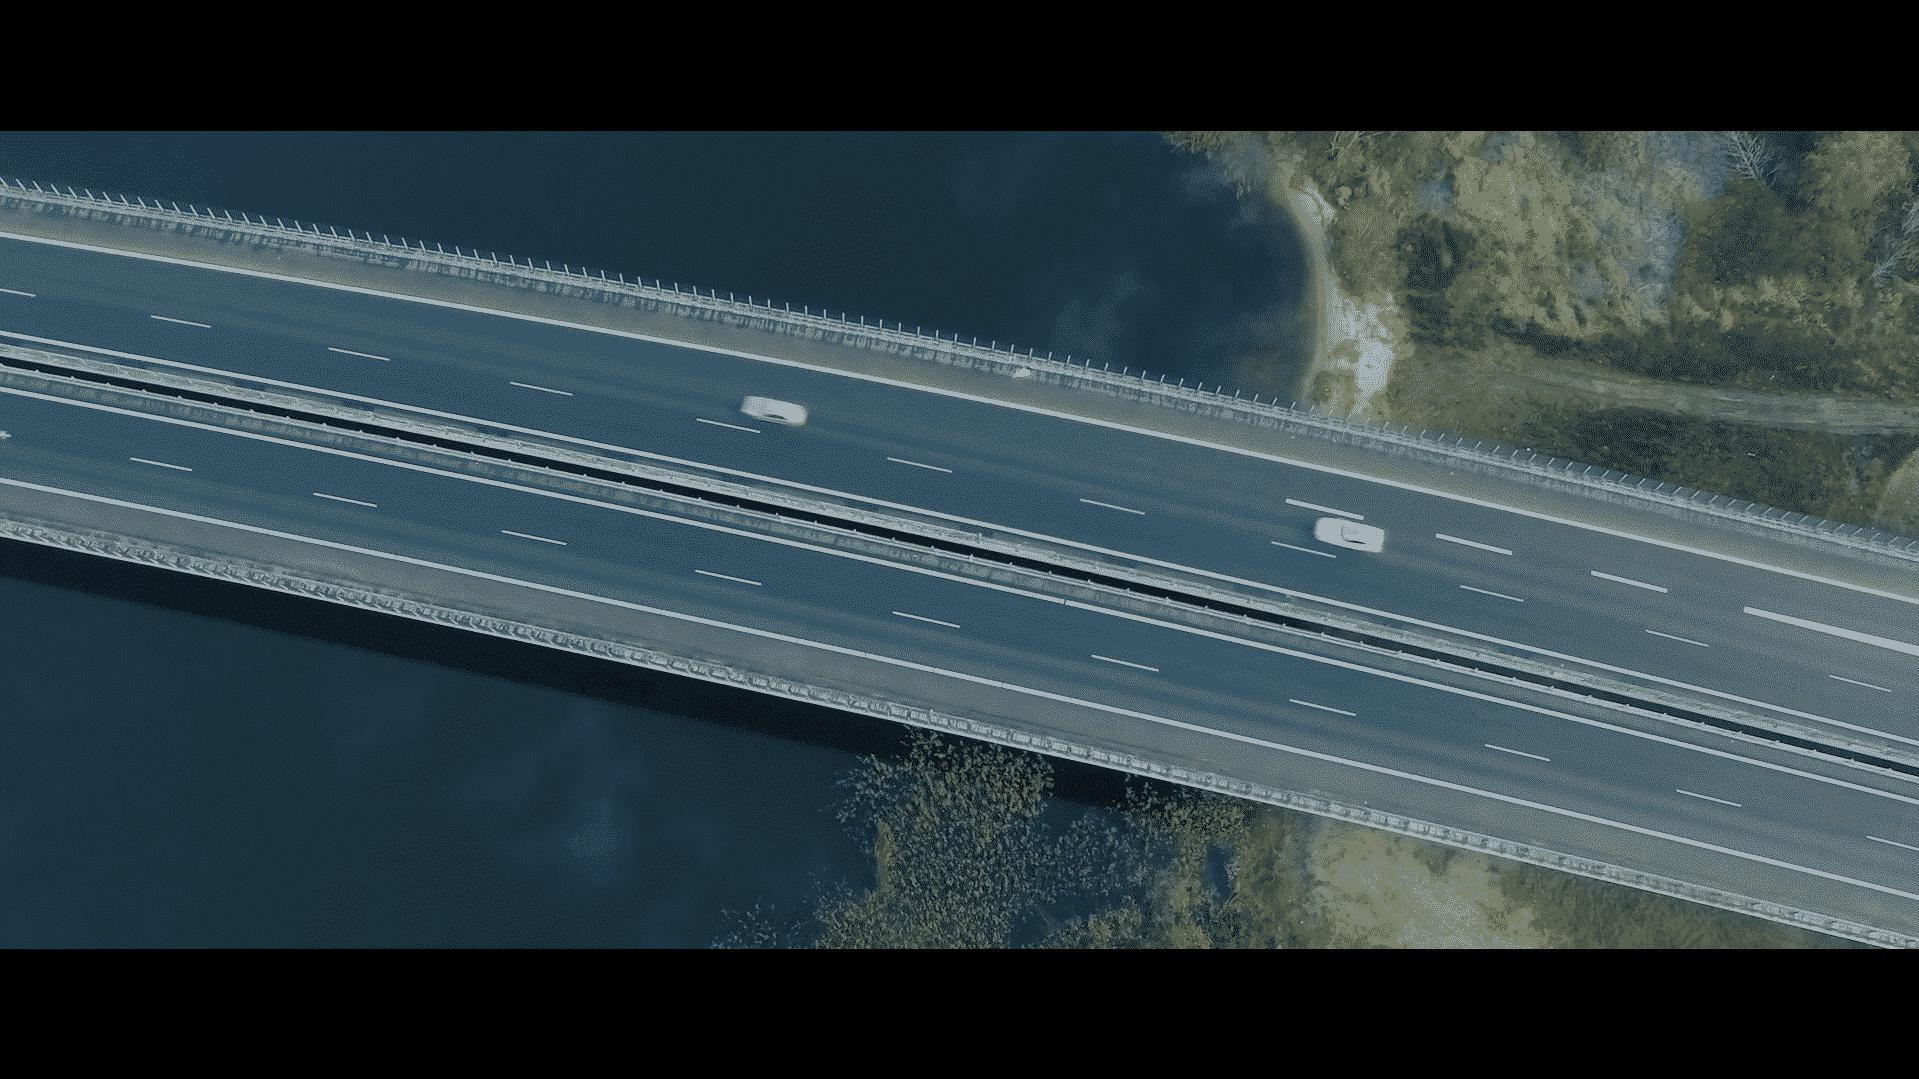 Video_still vejdirektoratet